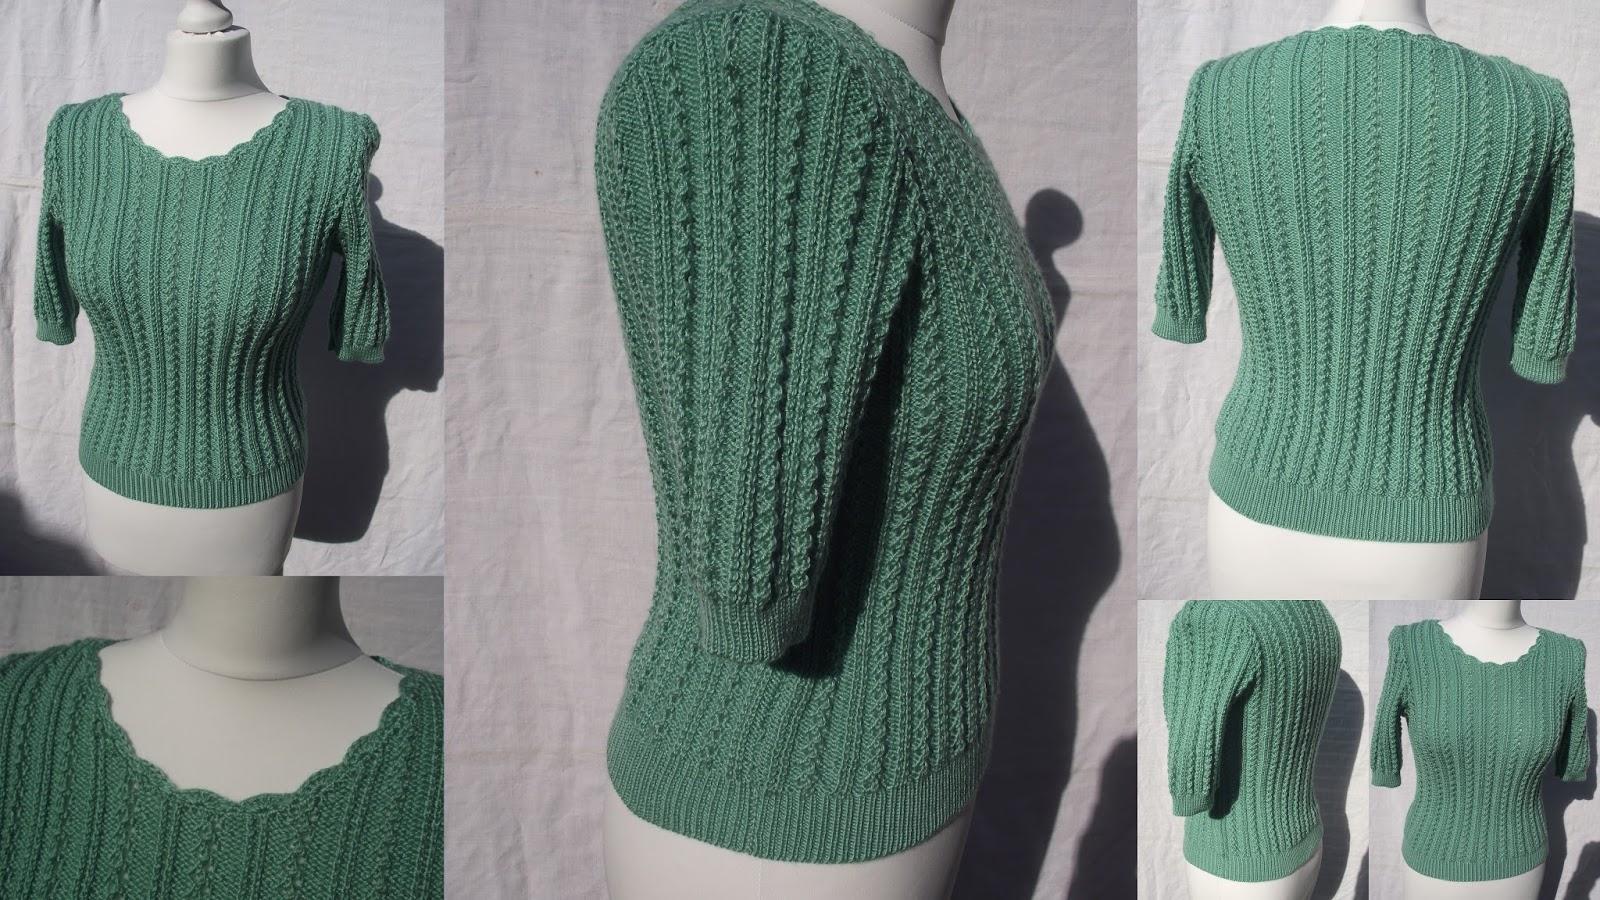 Crochet et tricot facile avec explications pull tricot point ajour vert - Point tricot ajoure facile ...